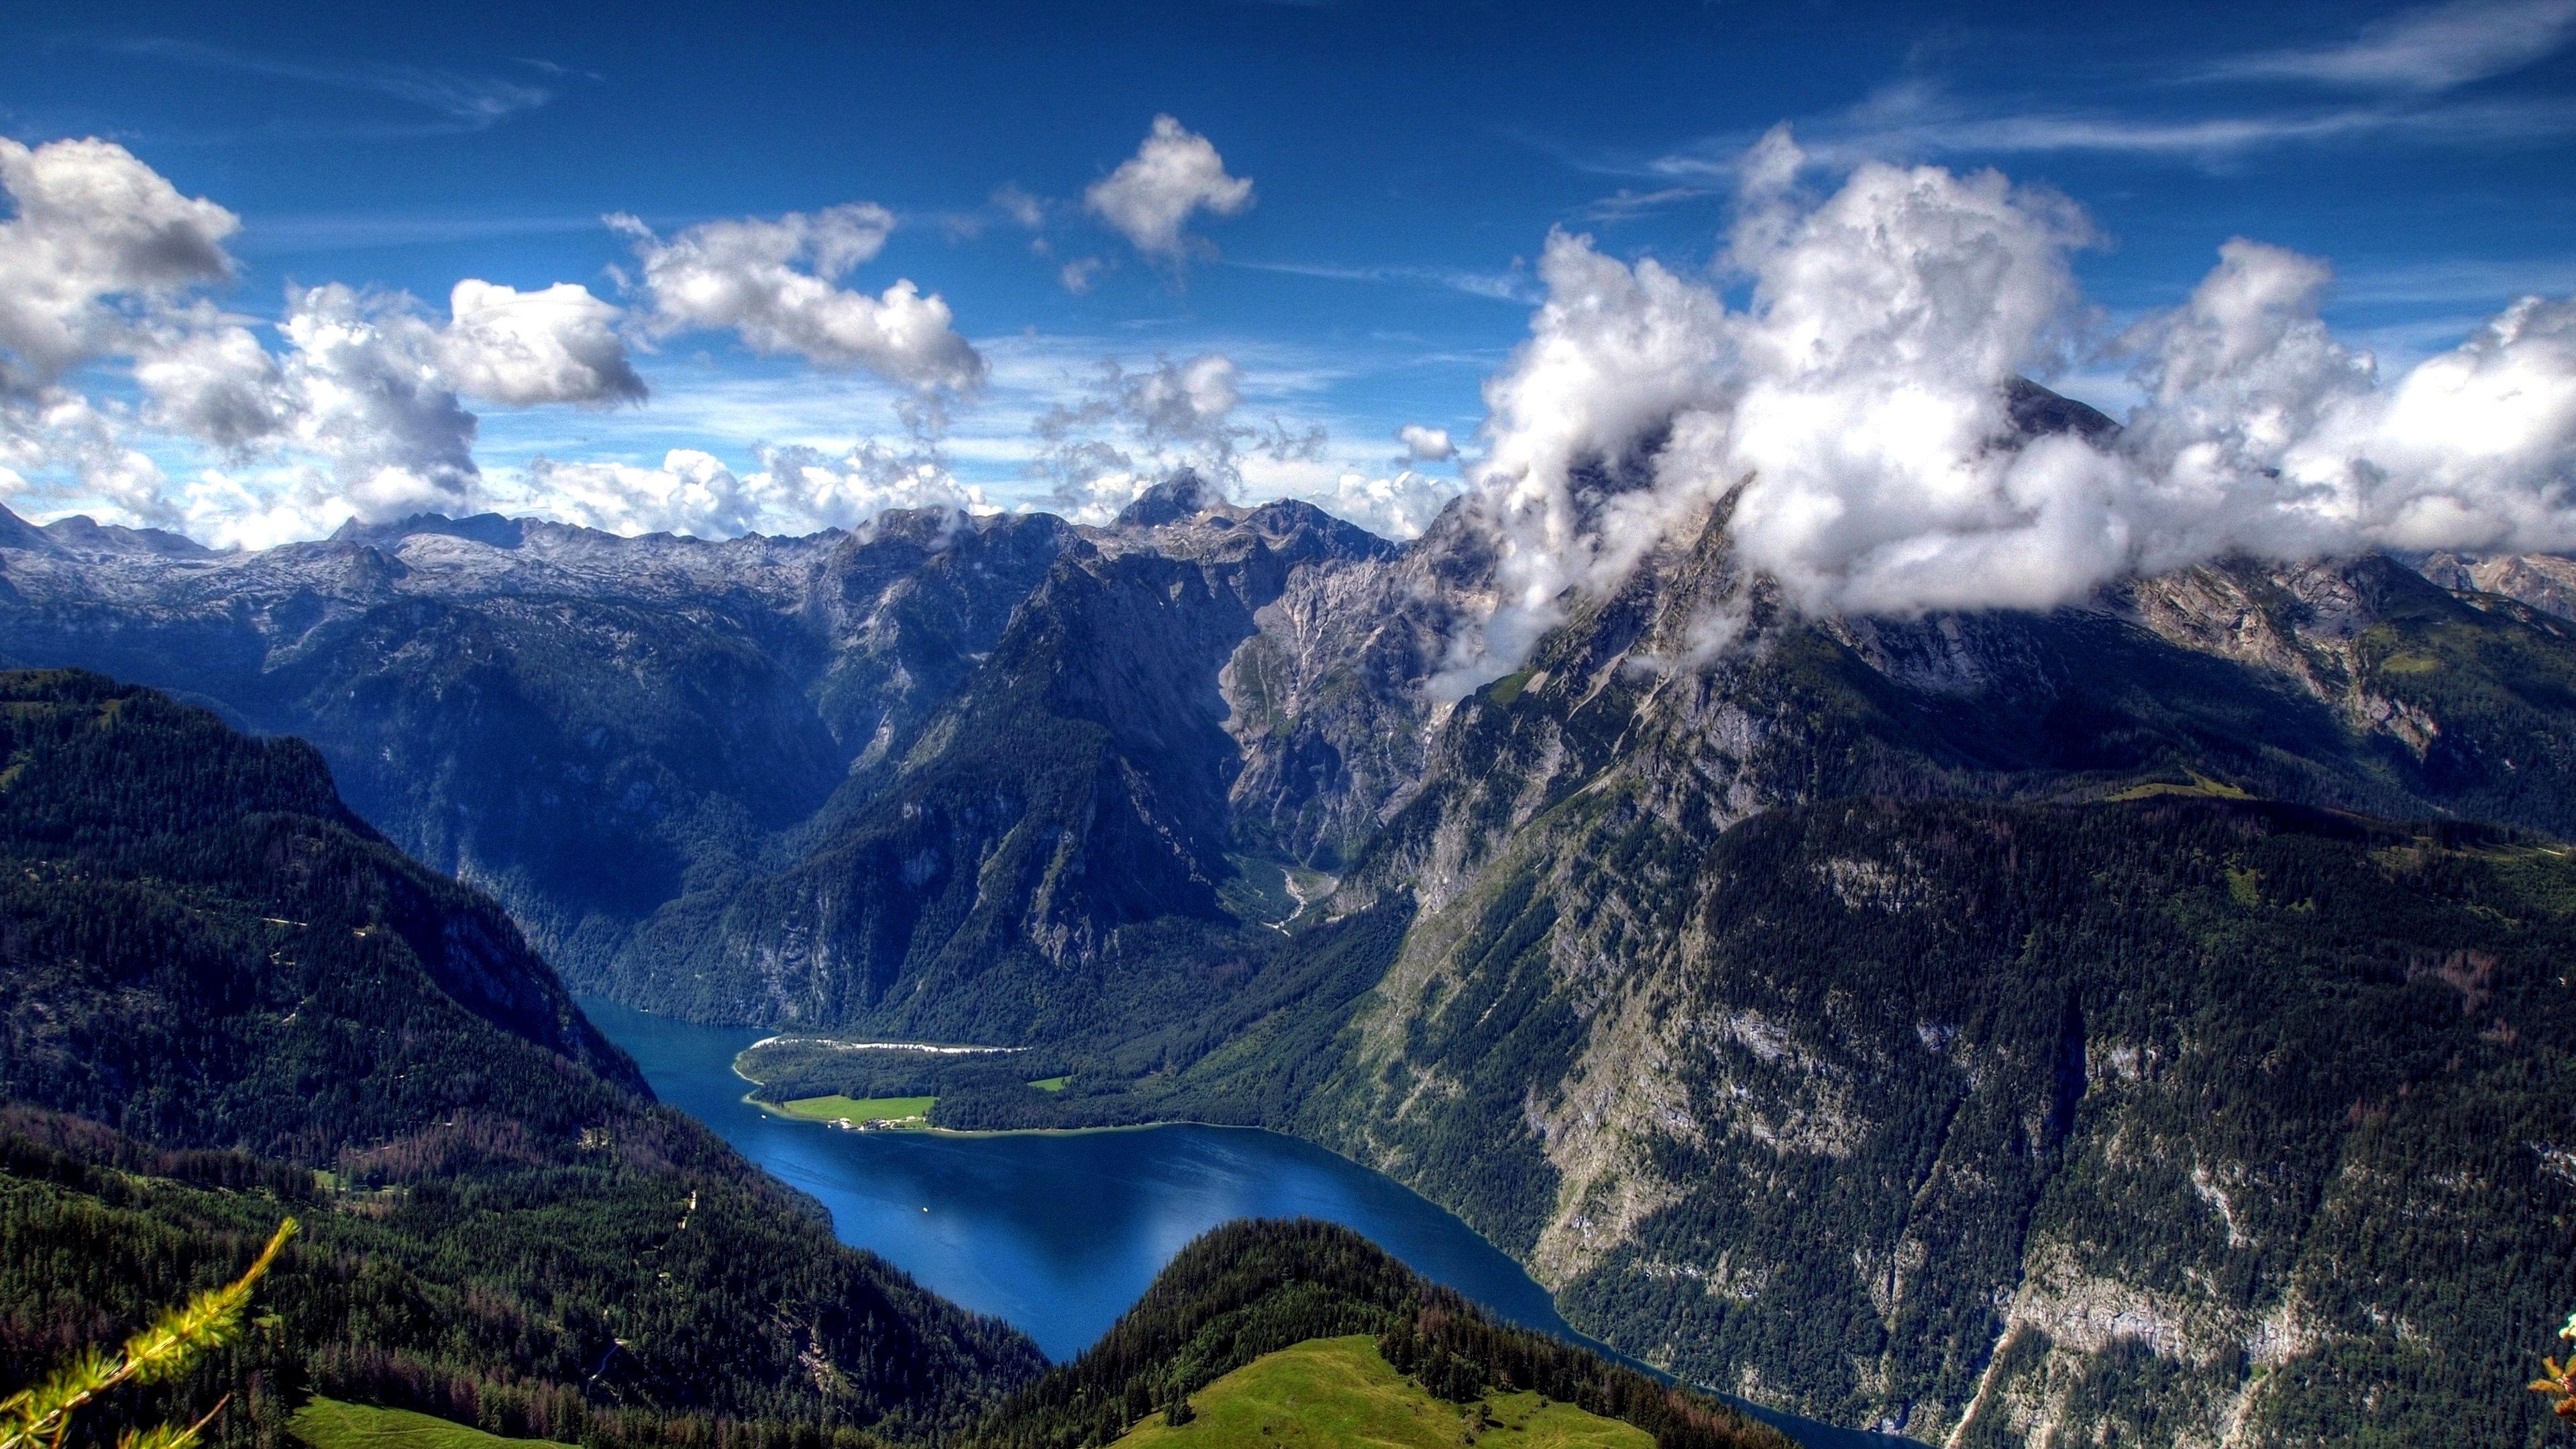 Wallpaper Ultra Hd 4k 3840x2160 Ideas Dengan Gambar Pemandangan Langit Dunia